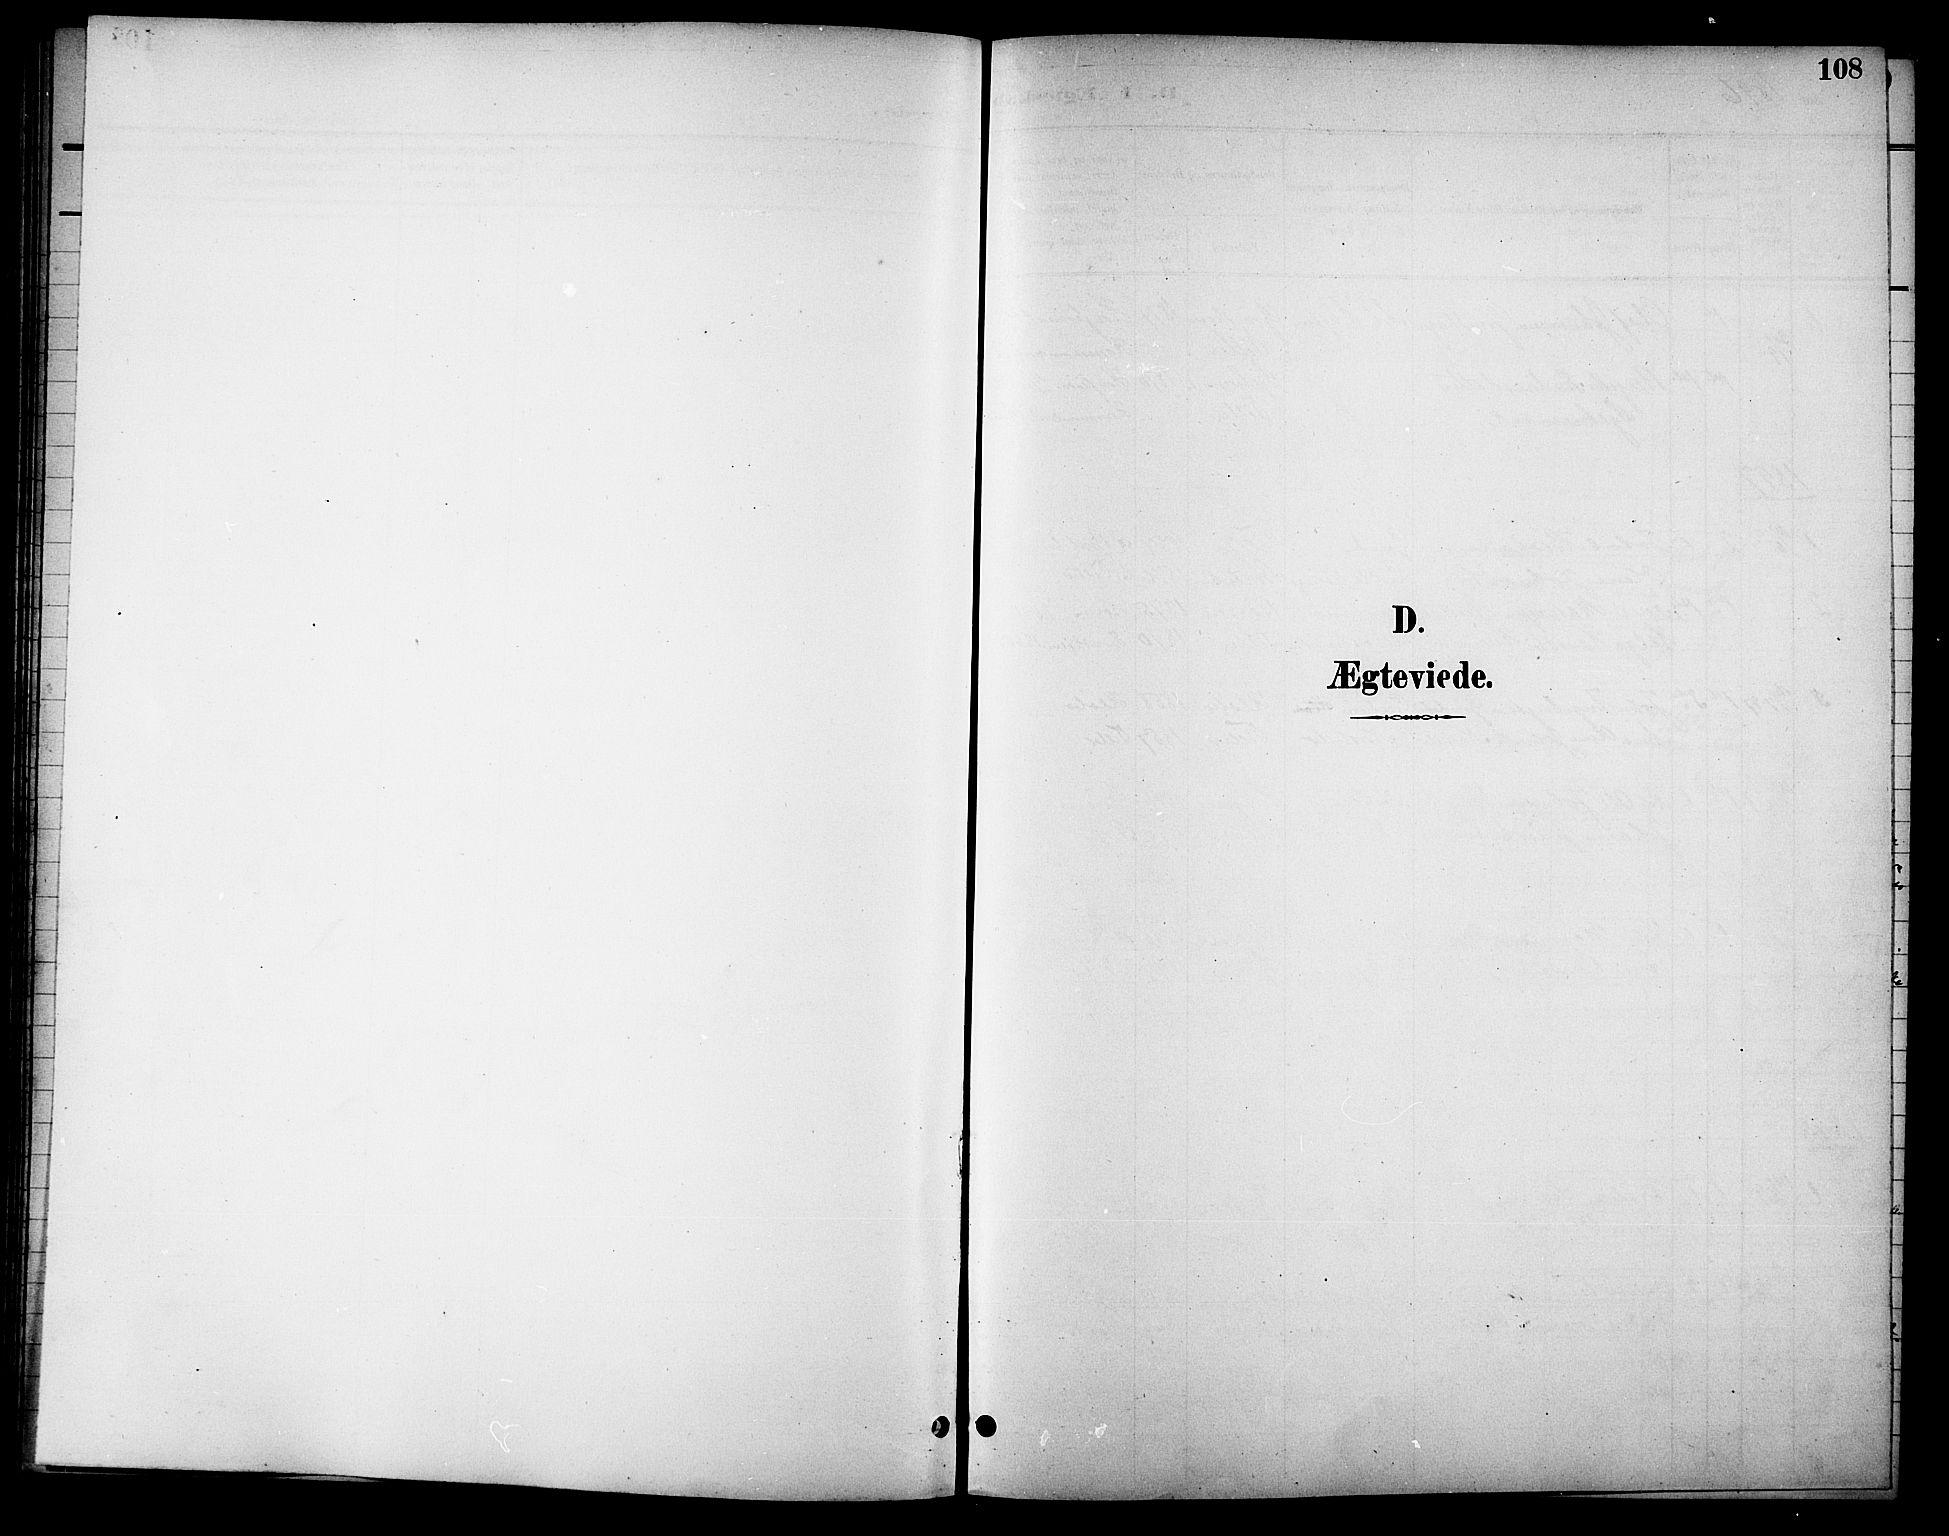 SAT, Ministerialprotokoller, klokkerbøker og fødselsregistre - Sør-Trøndelag, 621/L0460: Klokkerbok nr. 621C03, 1896-1914, s. 108